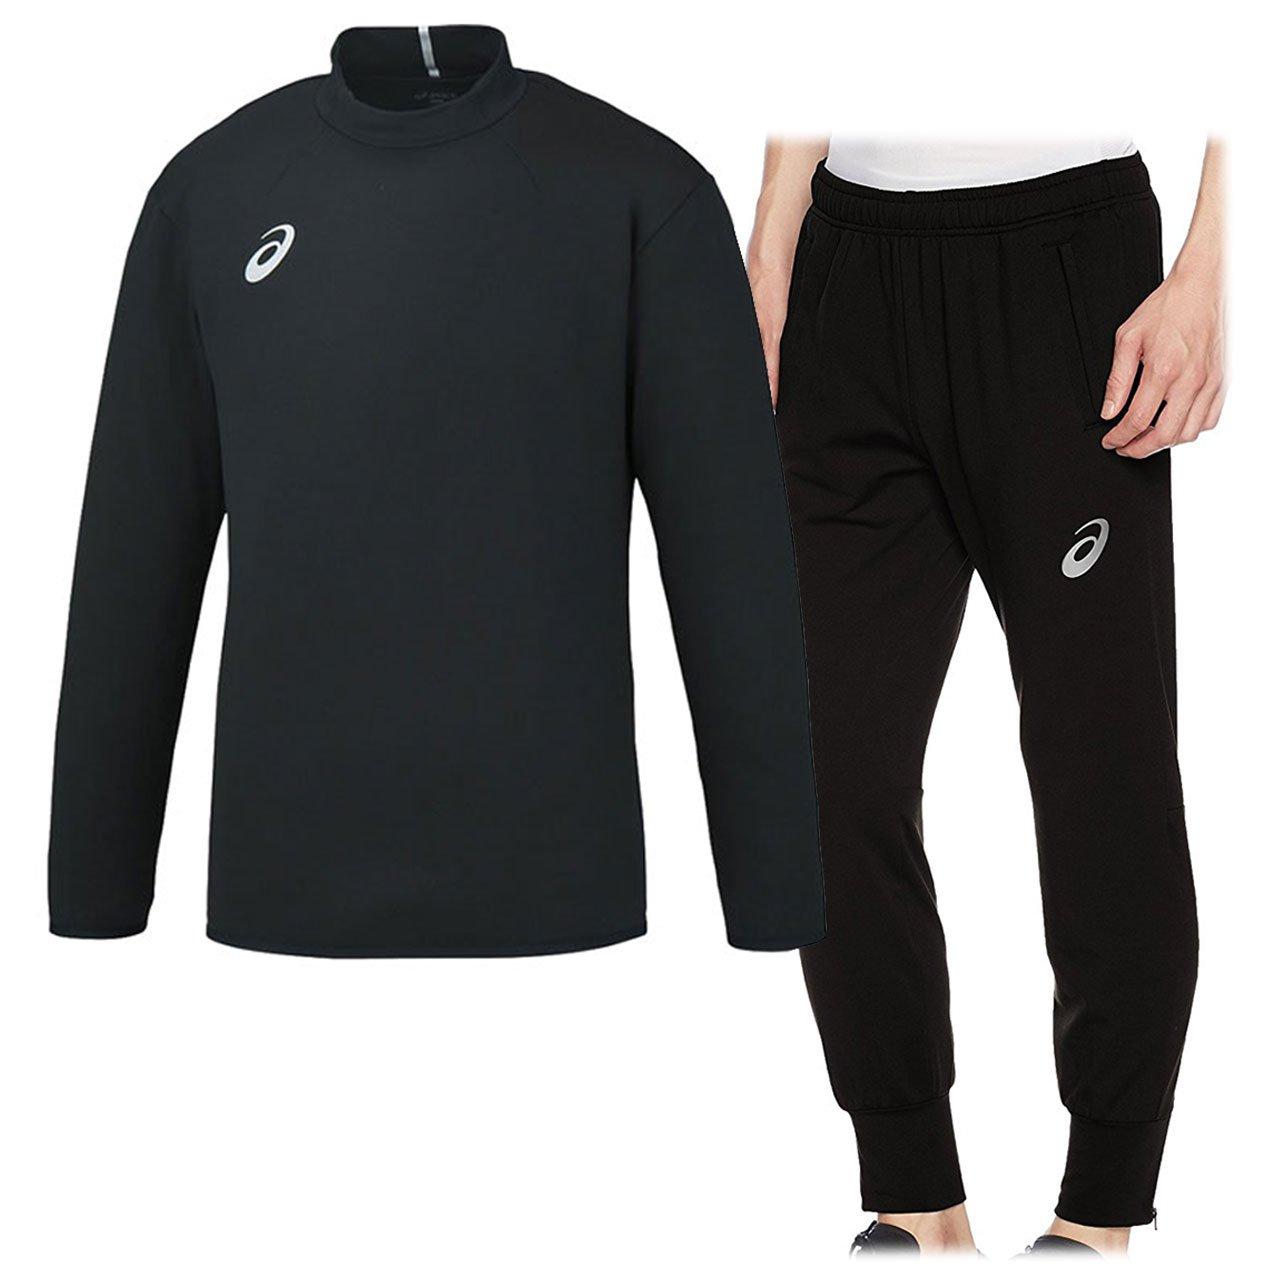 アシックス(asics) ストレッチトレーニングジャケット&トレーニングパンツ 上下セット(ブラック/ブラック) XST180-90-XST280-90 B075WSX47Q XL|ブラック/ブラック ブラック/ブラック XL